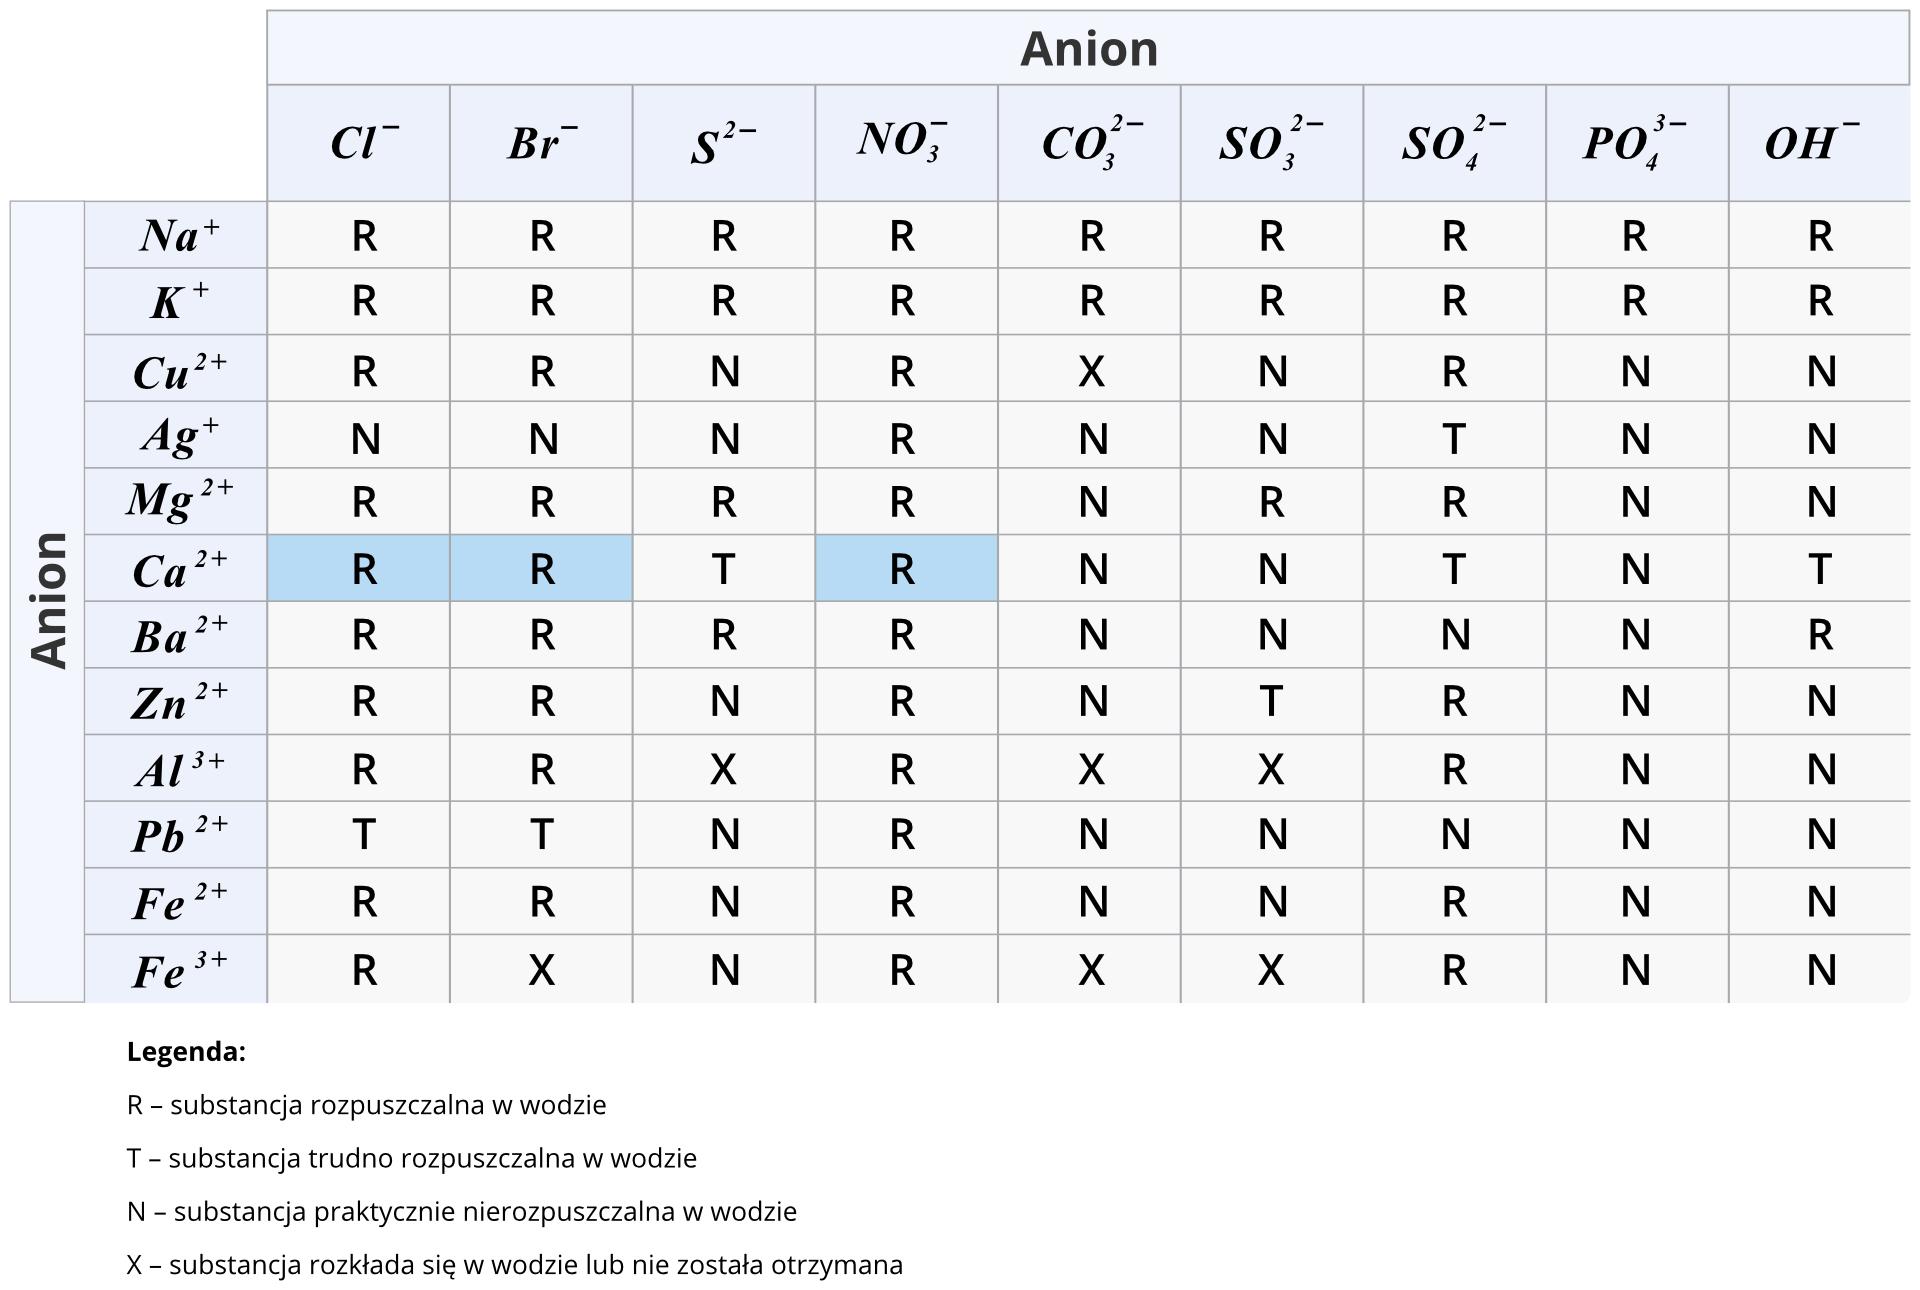 Ilustracja zawiera tabelę przedstawiającą rozpuszczalność soli iwodorotlenków wwodzie. Kolejne wiersze tabeli zawierają popularne kationy jedenastu metali, przy czym jeden znich, żelazo, występuje wdwóch wersjach różniących się wartościowością, czyli ładunkiem jonowym. Zkolei wkolumnach znajdują się aniony reszt kwasowych: chlorkowy, bromowy, siarkowy, azotowy pięć, węglowy, siarkowy cztery, siarkowy sześć ifosforowy pięć oraz reszta wodorotlenkowa. Wtabeli rozpuszczalność konkretnych soli opisano kodem literowym. Litera Roznacza, że substancja jest dobrze rozpuszczalna wwodzie, litera Toznacza, że substancja jest trudno rozpuszczalna wwodzie, alitera Noznacza, że substancja jest nierozpuszczalna wwodzie. Ostatnia kategoria to litera Xoznaczająca, że substancja rozkłada się wwodzie lub nie została otrzymana. Wtabeli kolorem zielonym wyróżnione są komórki opisujące chlorek, bromek iazotan pięć wapnia. Litera Rwe wszystkich trzech komórkach informuje nas, że są to sole rozpuszczalne wwodzie.